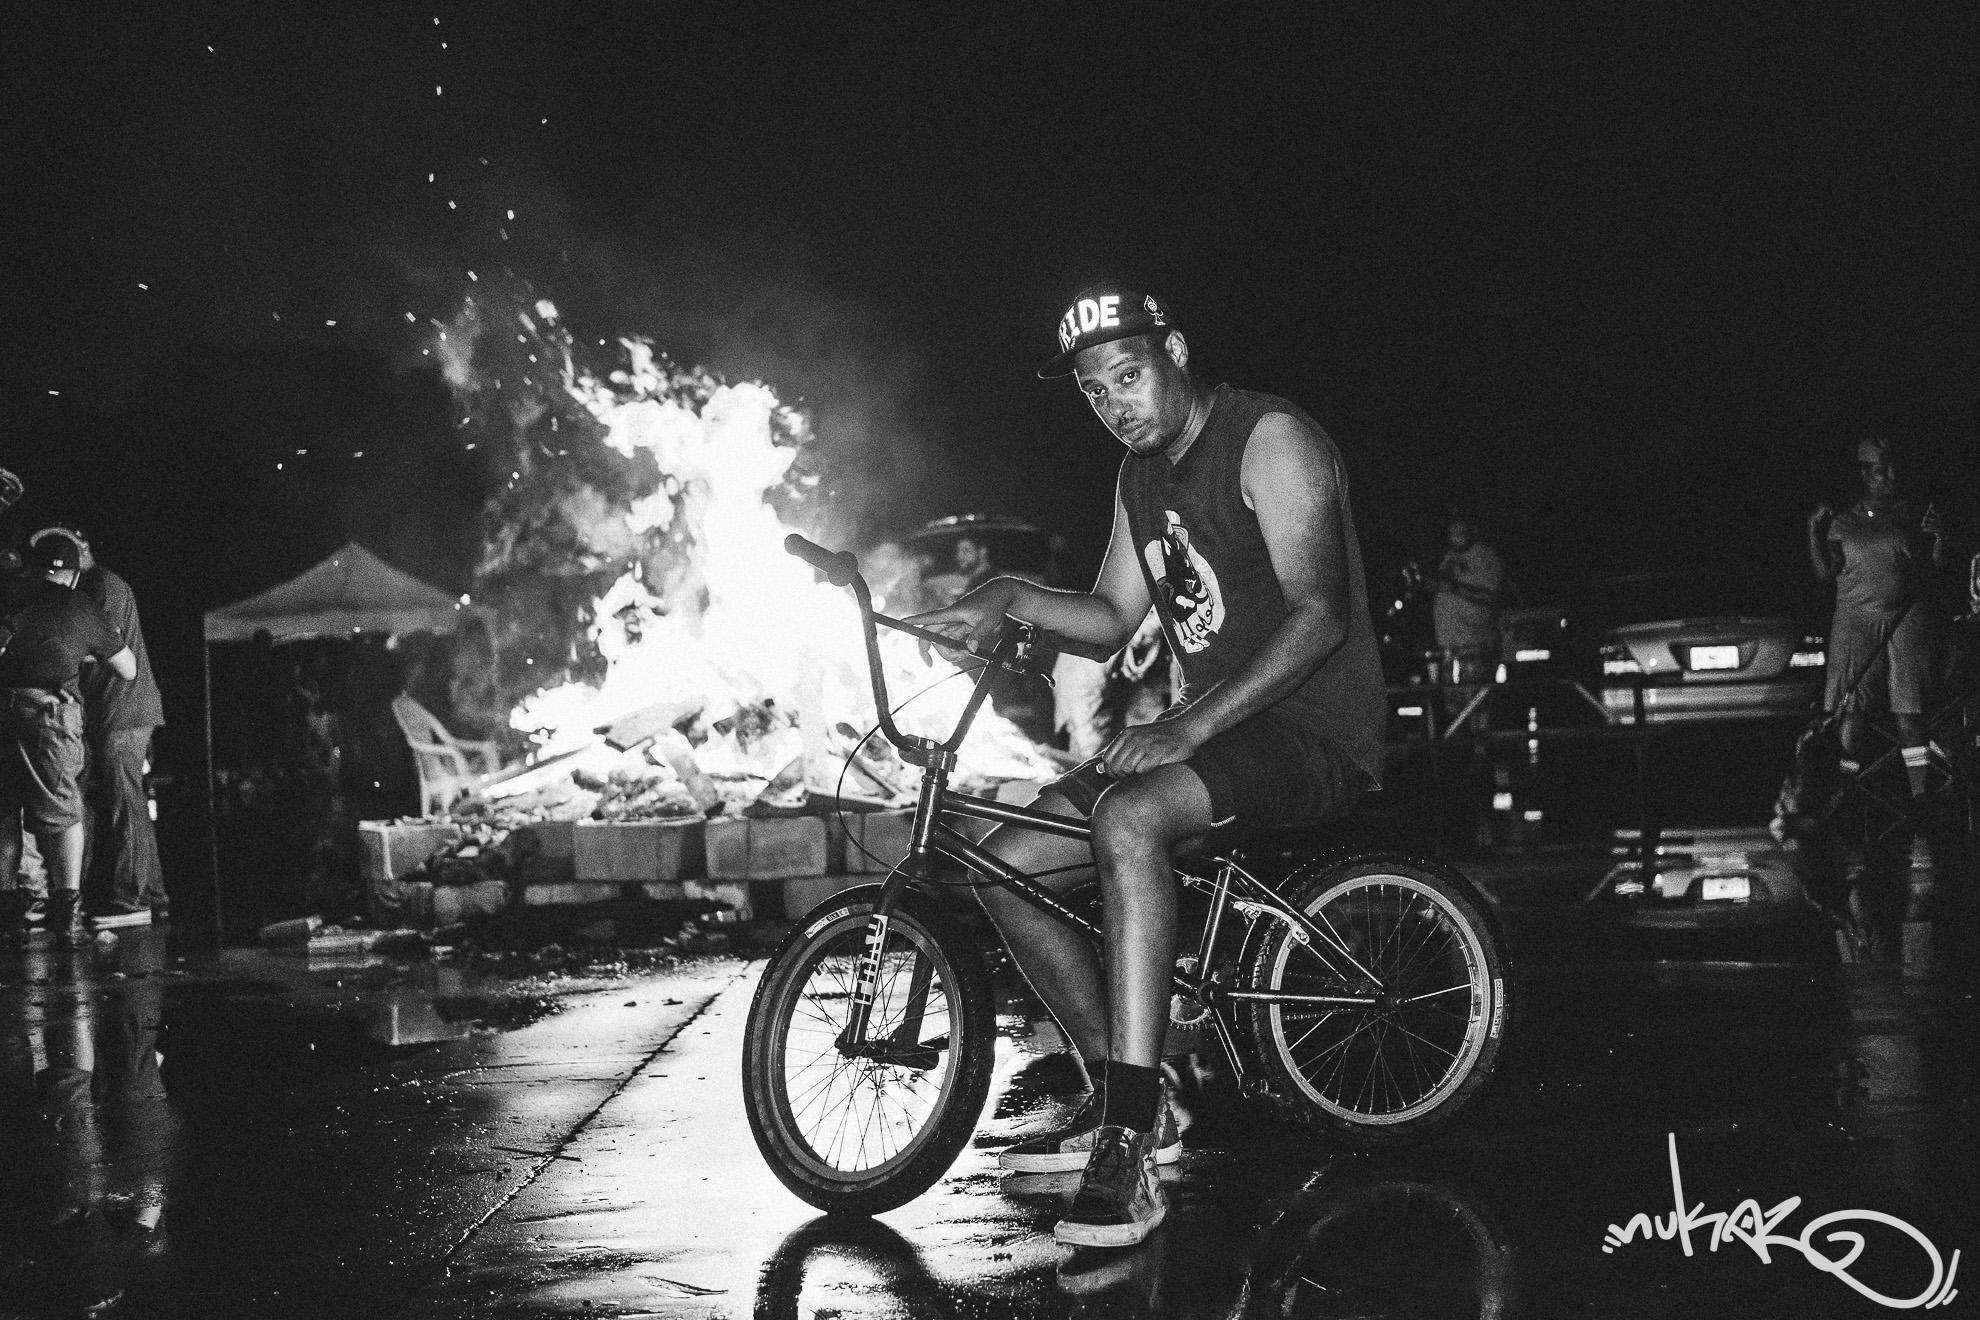 Nukez 4 The Culture: BonfireATL – August 6th